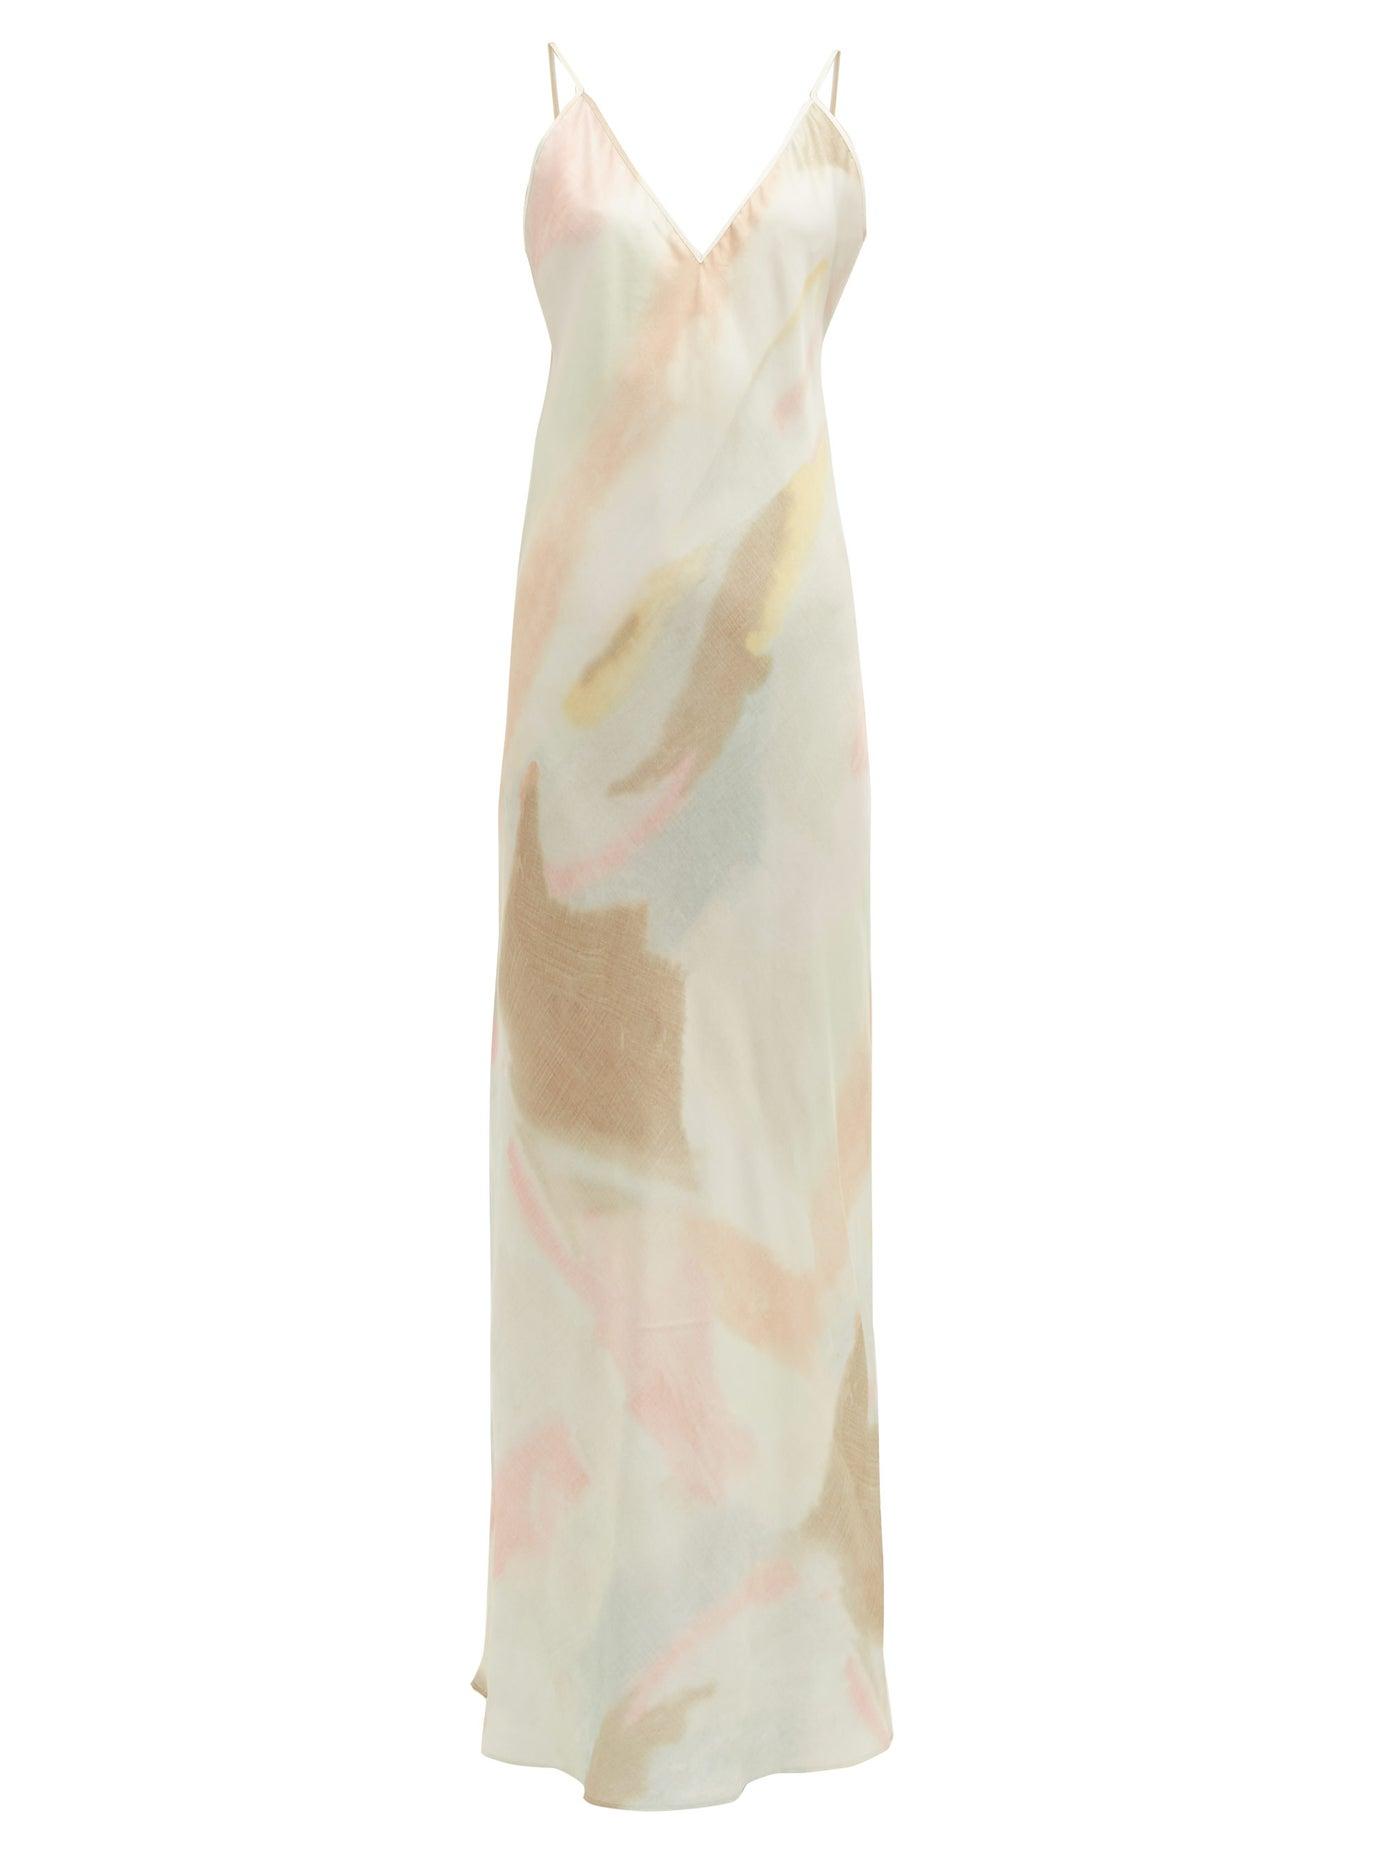 RAT & BOA Liberty pastel tie-dye slip dress